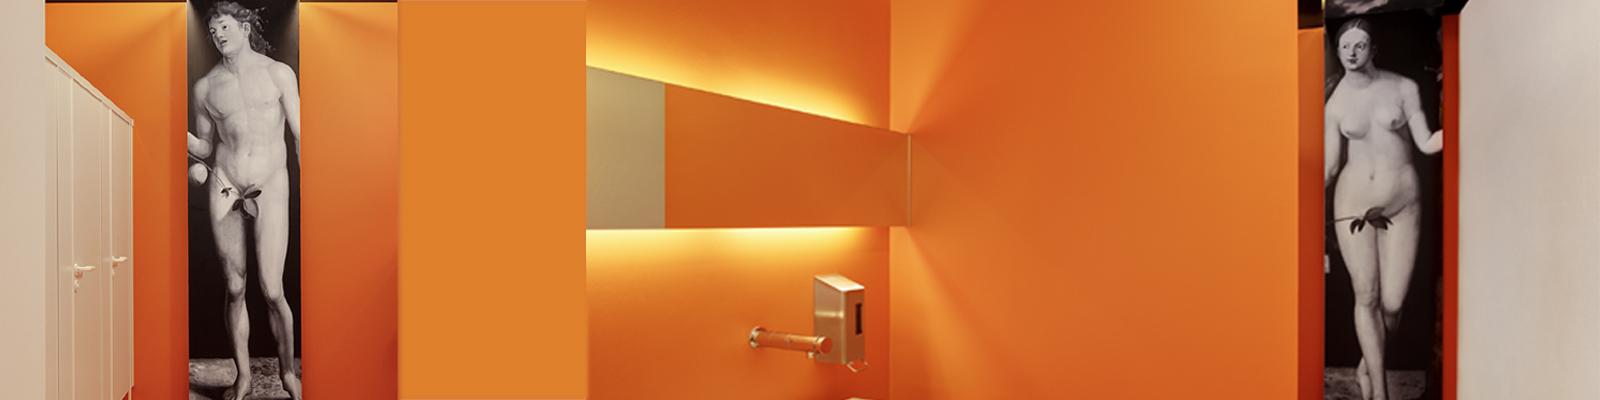 innenarchitekt berlin gesucht kchenleiste hakenleiste kche. Black Bedroom Furniture Sets. Home Design Ideas